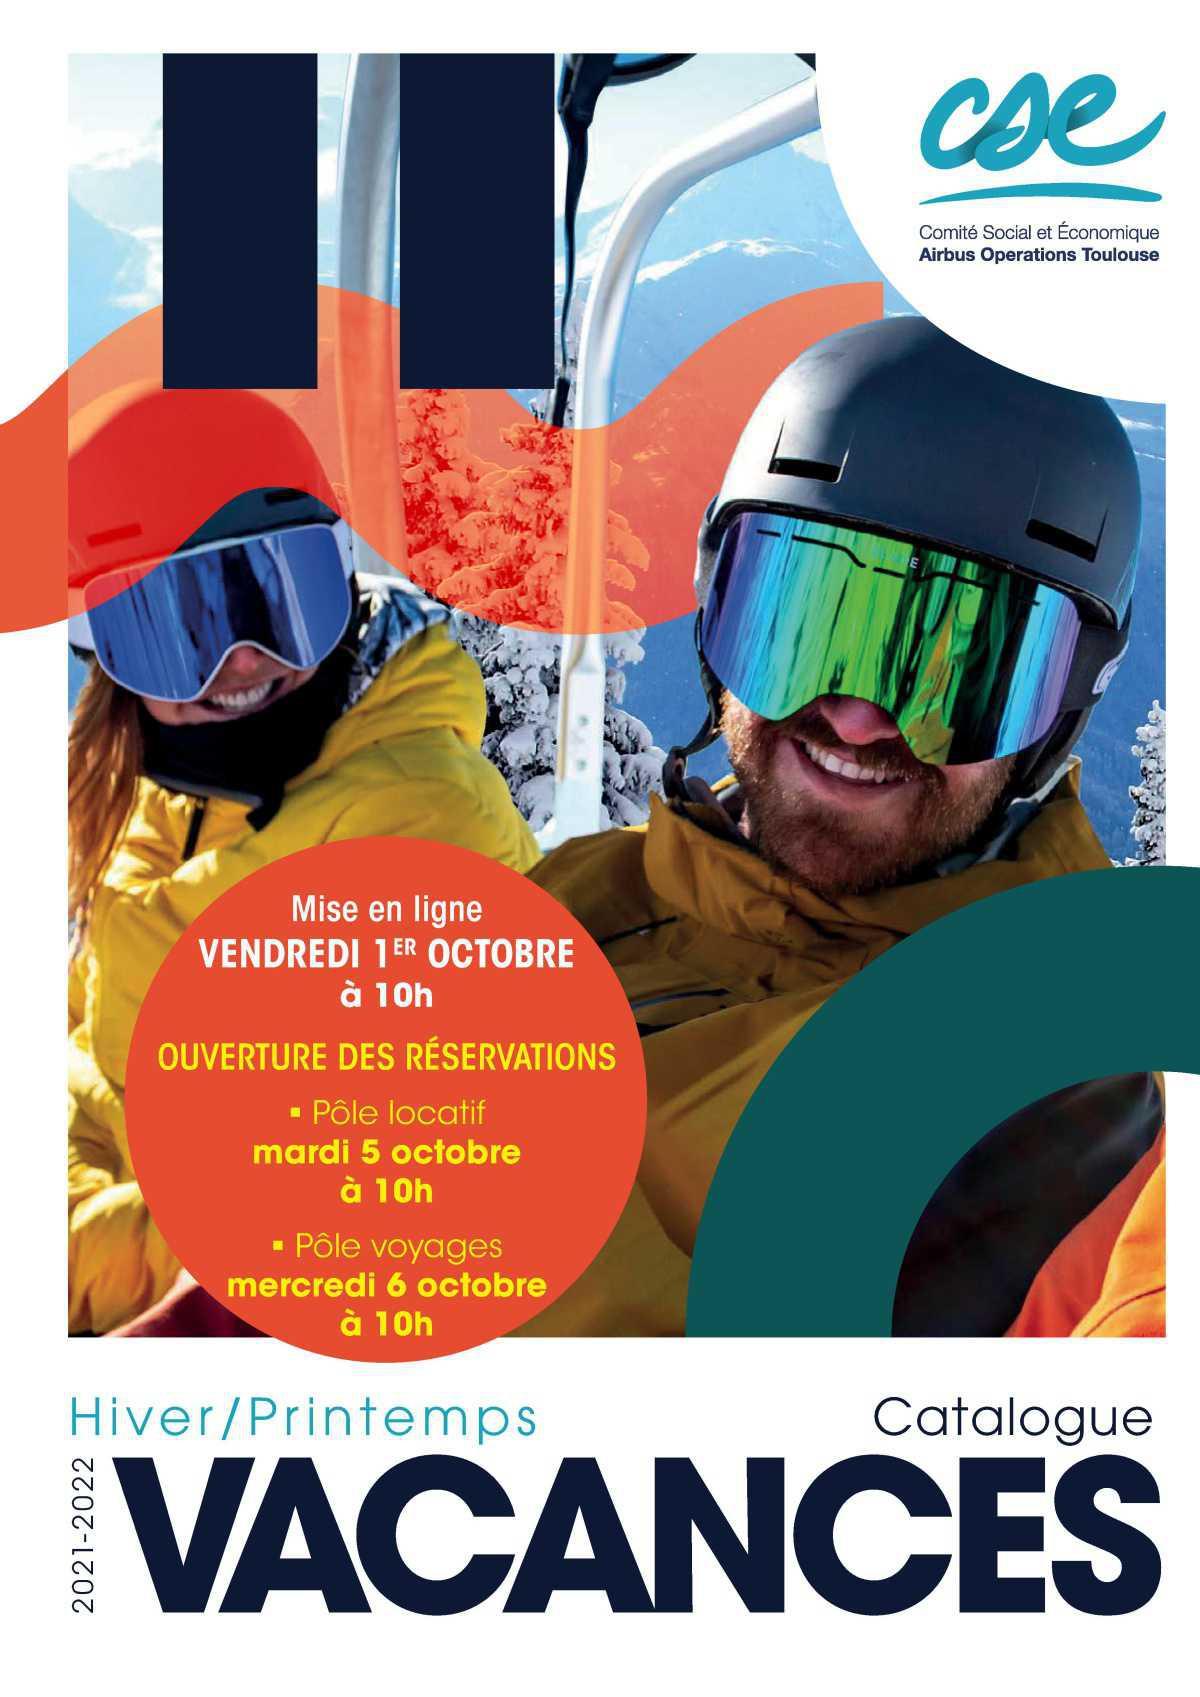 Le catalogue vacances hiver/printemps 2021/2022